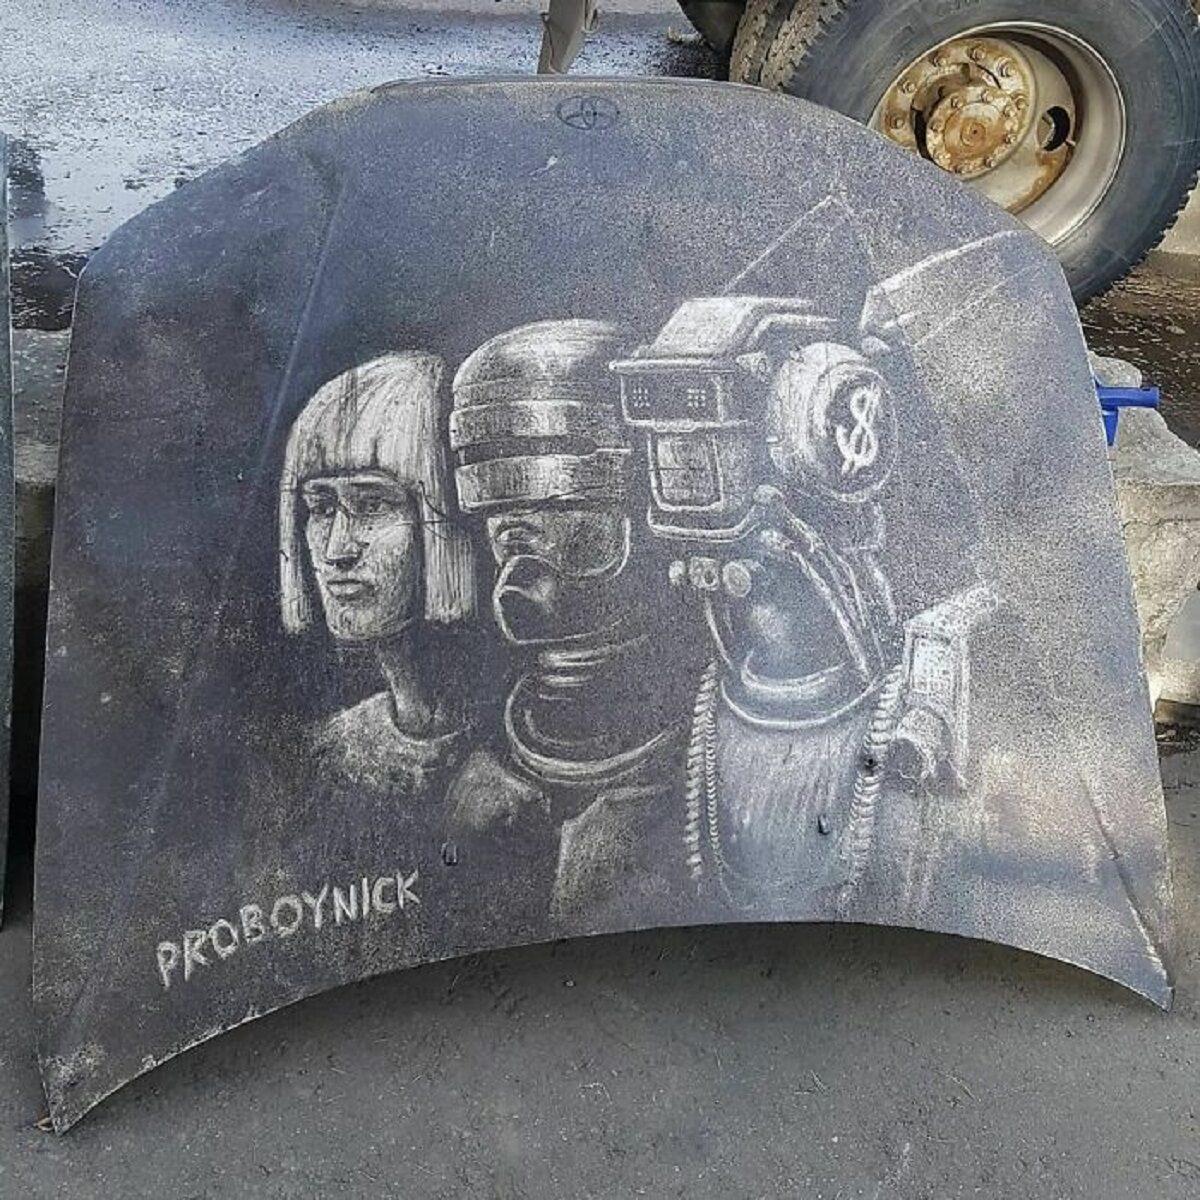 Nikita Golubev artista russa cria desenhos incriveis em caminhoes e tecnica chama atencao 24